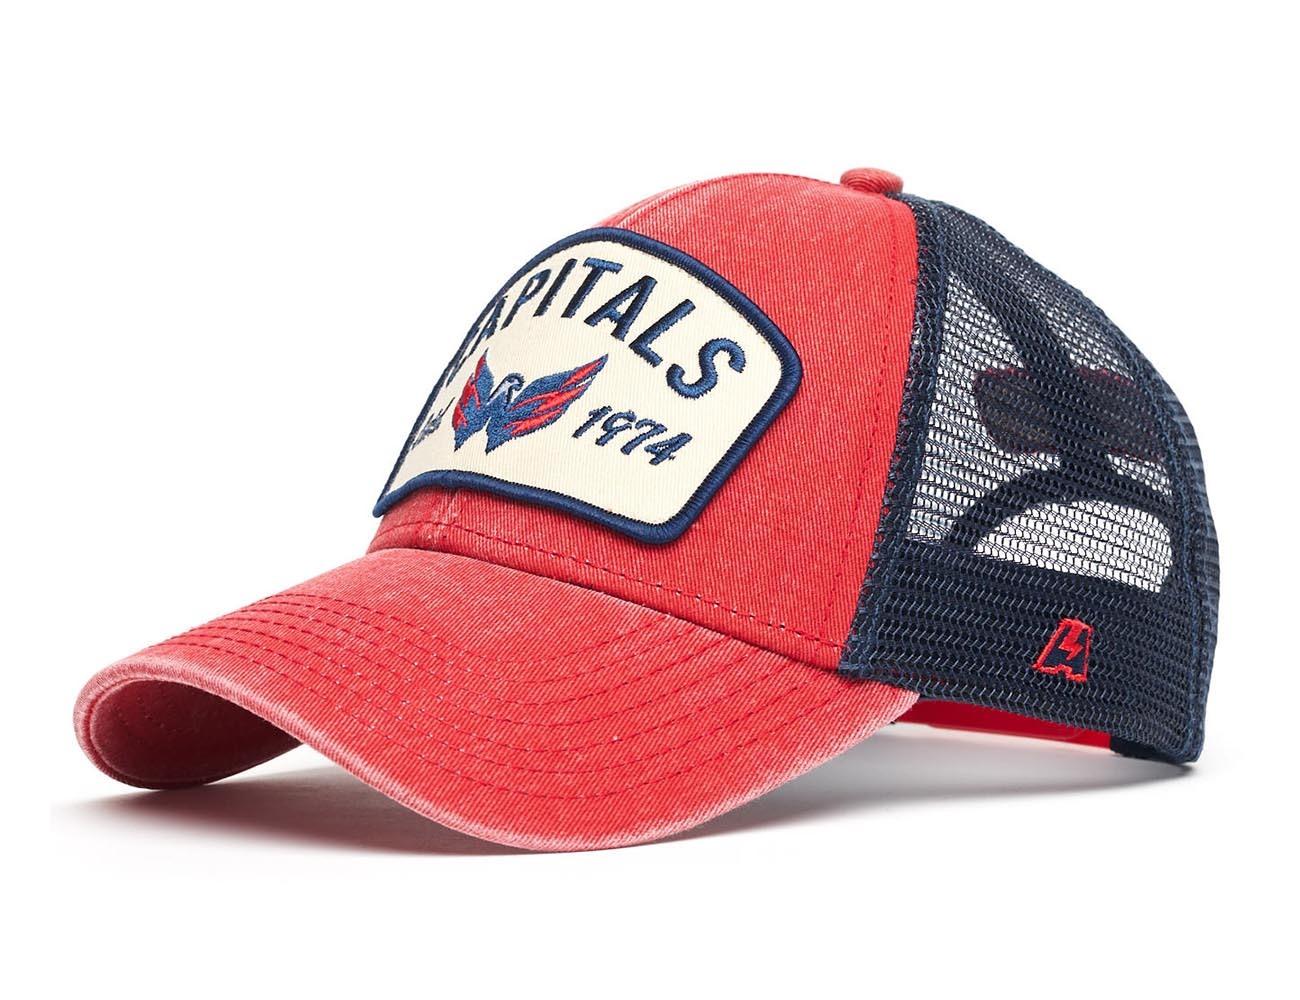 Бейсболка NHL Washington Capitals (подростковая)